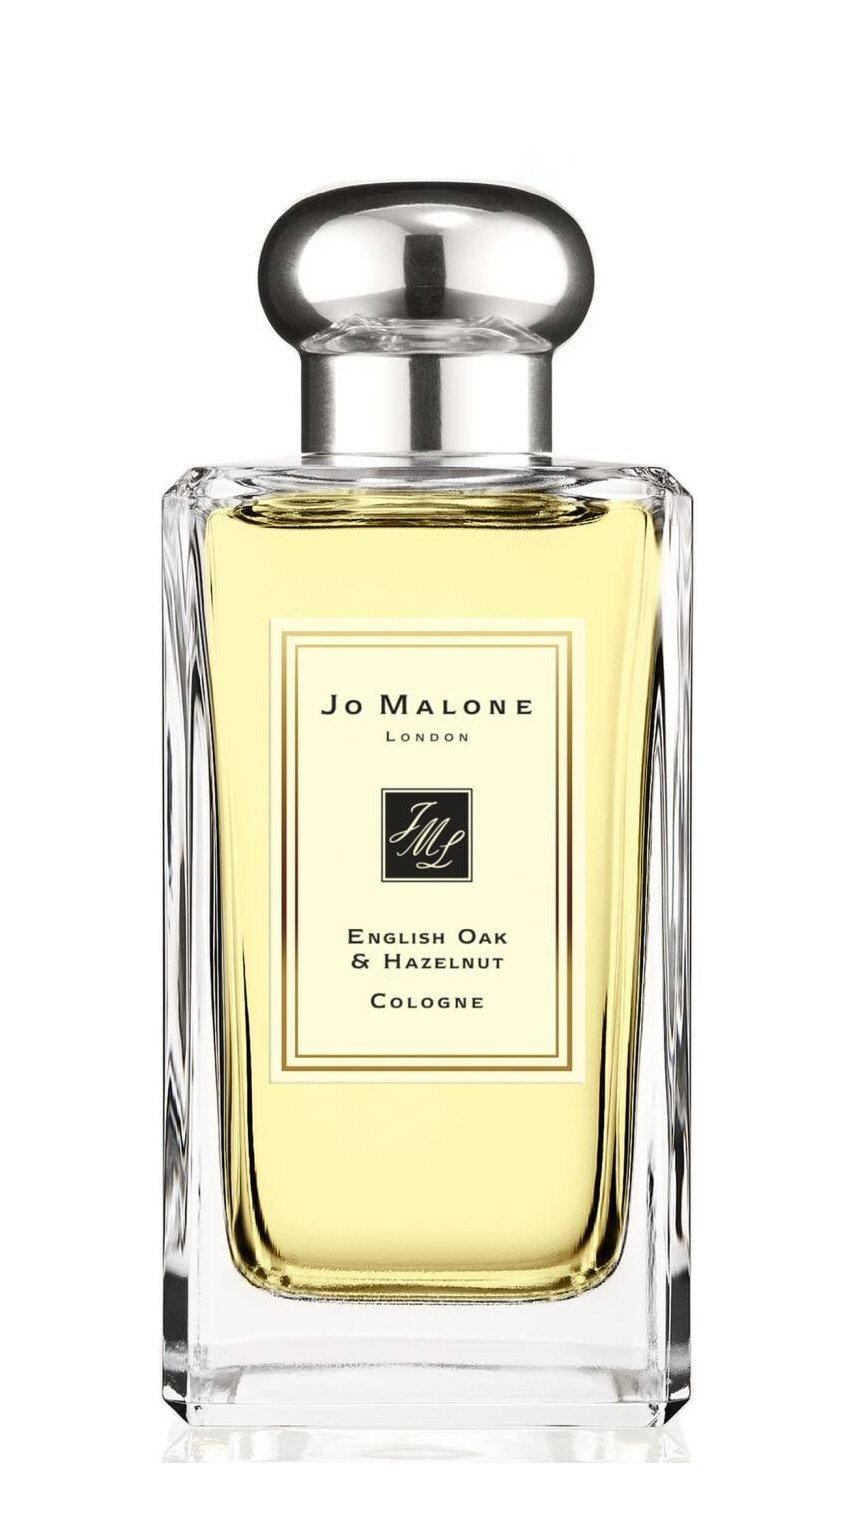 Brand New Jo Malone London English Oak & Hazelnut Cologne 3.4 oz / 100 ml